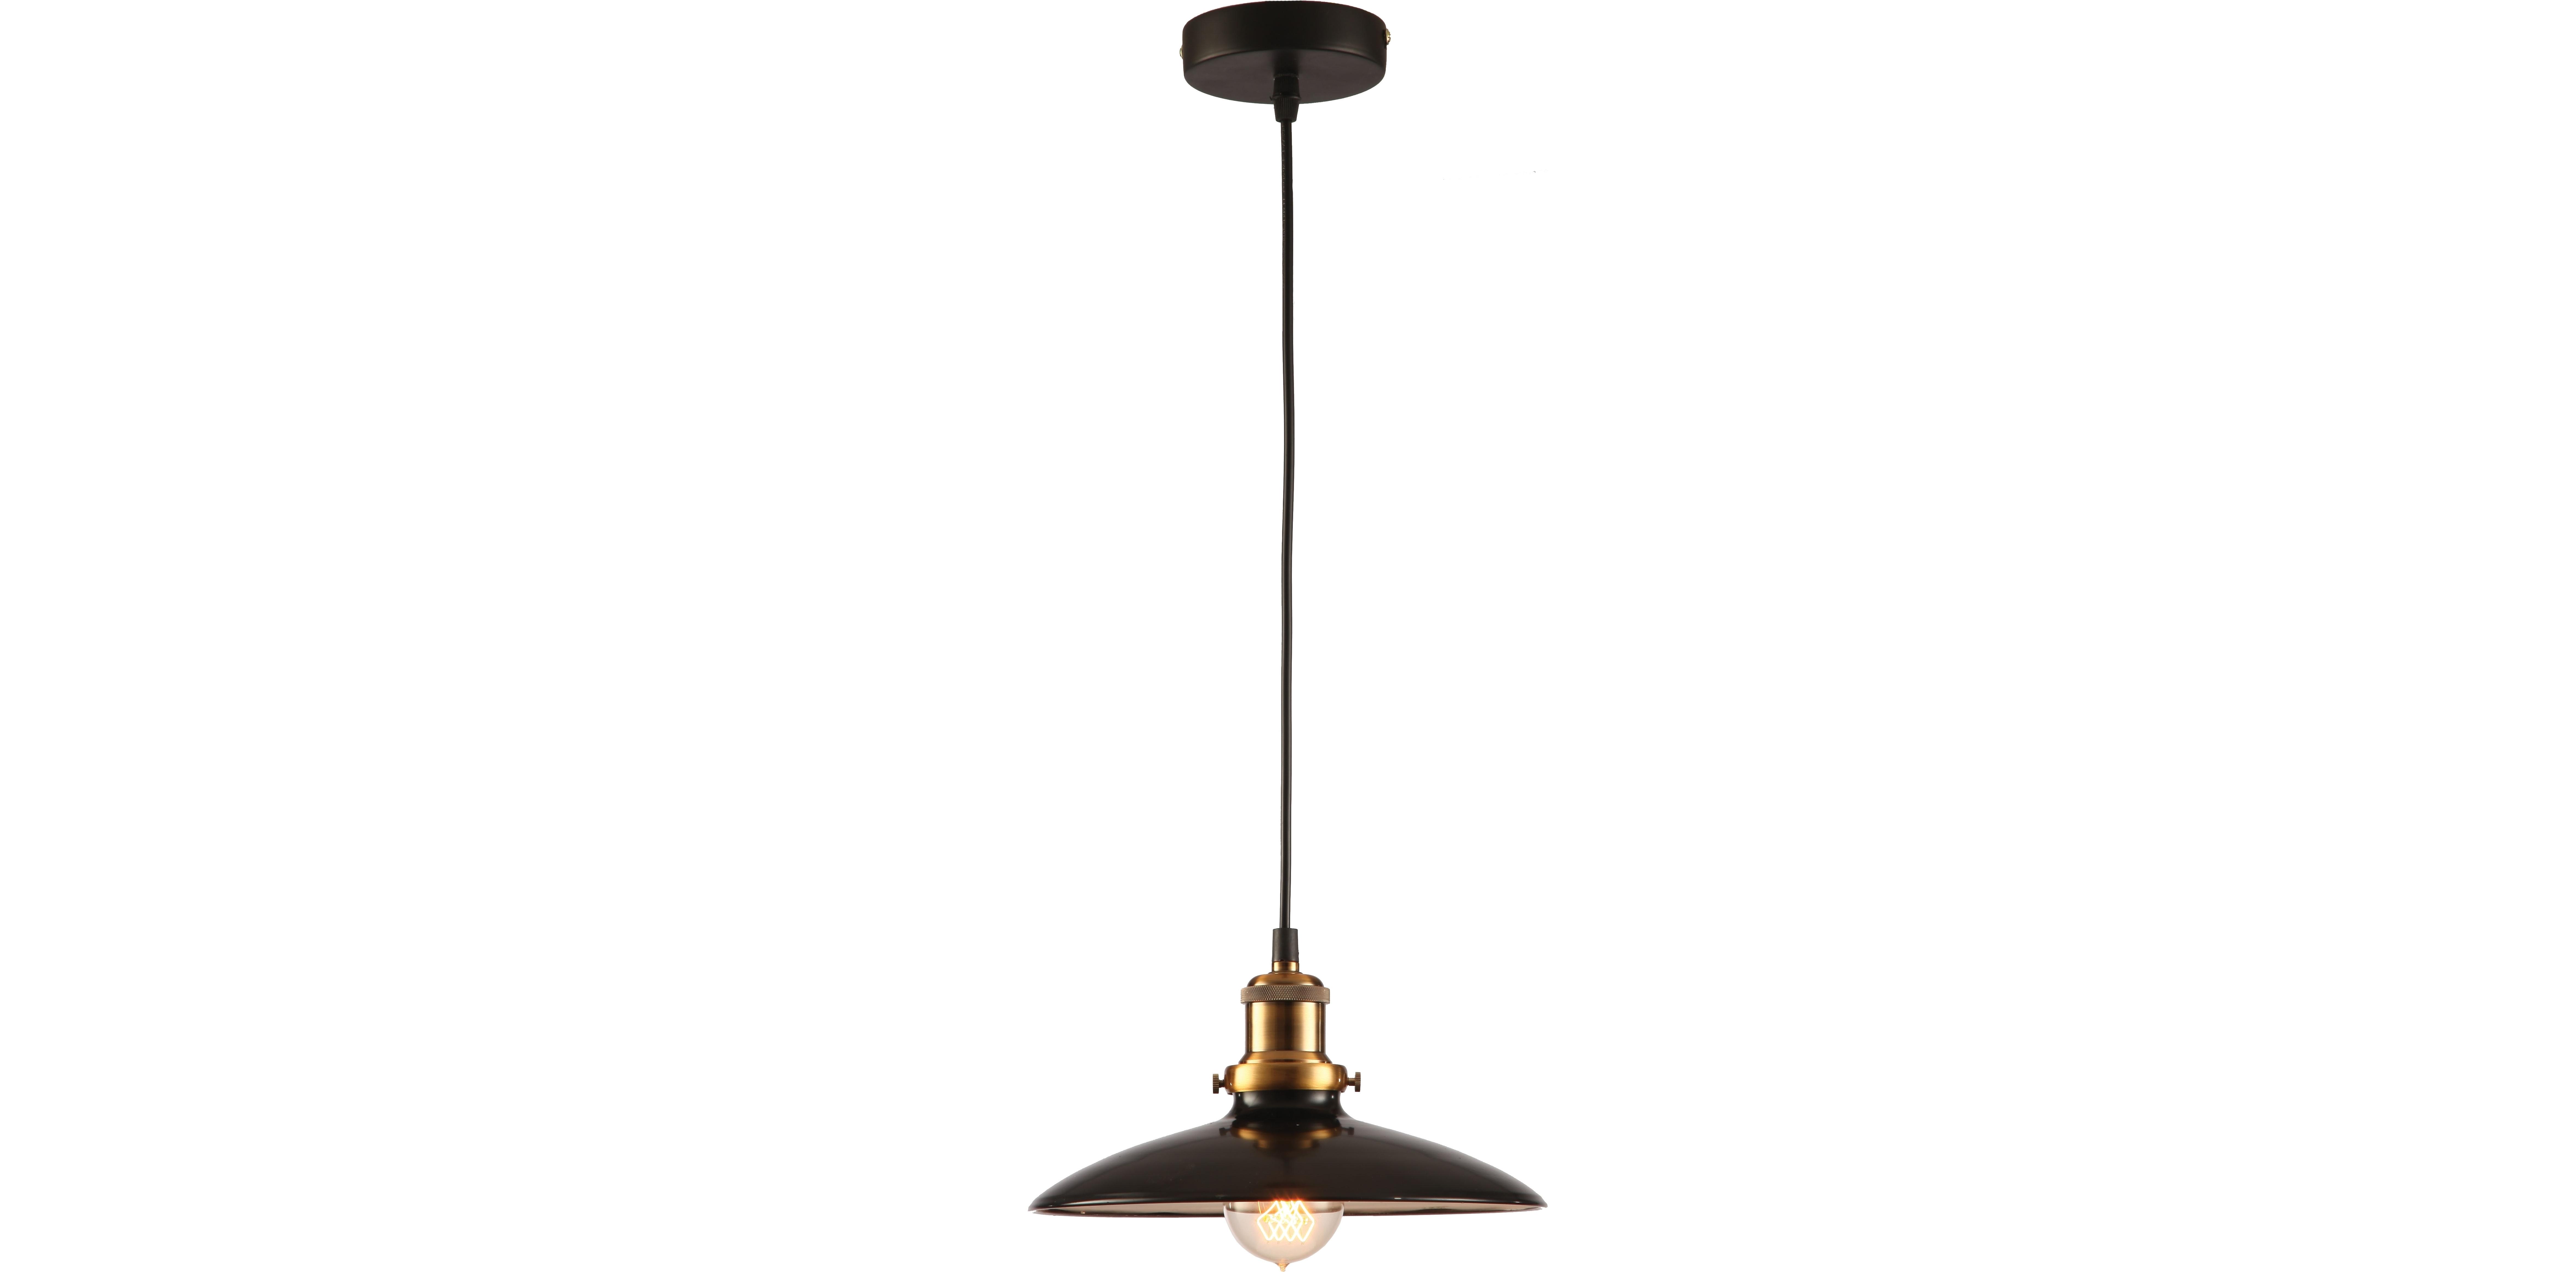 Подвесной светильникПодвесные светильники<br>Материал: металл<br>Лампочки в комплекте: 1*60W<br>Цоколь: E27<br>Цвет: золото, черный<br><br>Material: Металл<br>Ширина см: 25<br>Высота см: 120